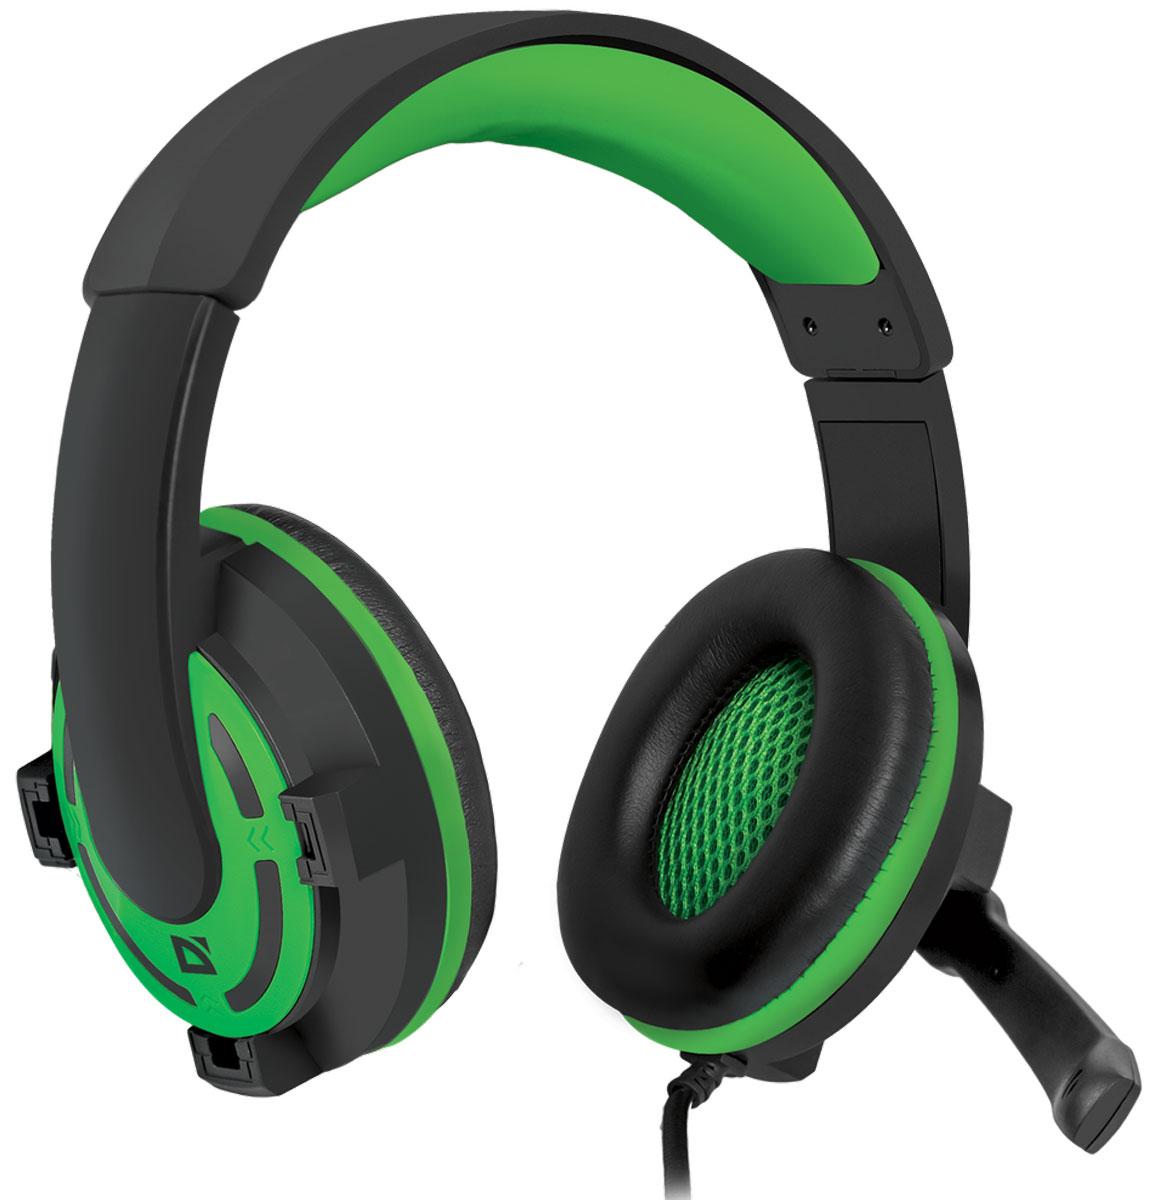 Defender Warhead G-300, Green игровая гарнитура64128Наушники закрытого типа Defender Warhead G-300 с большими 40 мм динамиками гарантируют мощный чистый звук. На кабеле гарнитуры удобно расположен регулятор громкости. Благодаря надежной звукоизоляции и комфортным амбушюрам вы сможете играть или слушать музыку с комфортом - ничто не будет вам мешать!Частотный диапазон микрофона: 20 Гц - 16 кГцСопротивление микрофона: 2,2 кОмаЧувствительность микрофона: 54 дБ